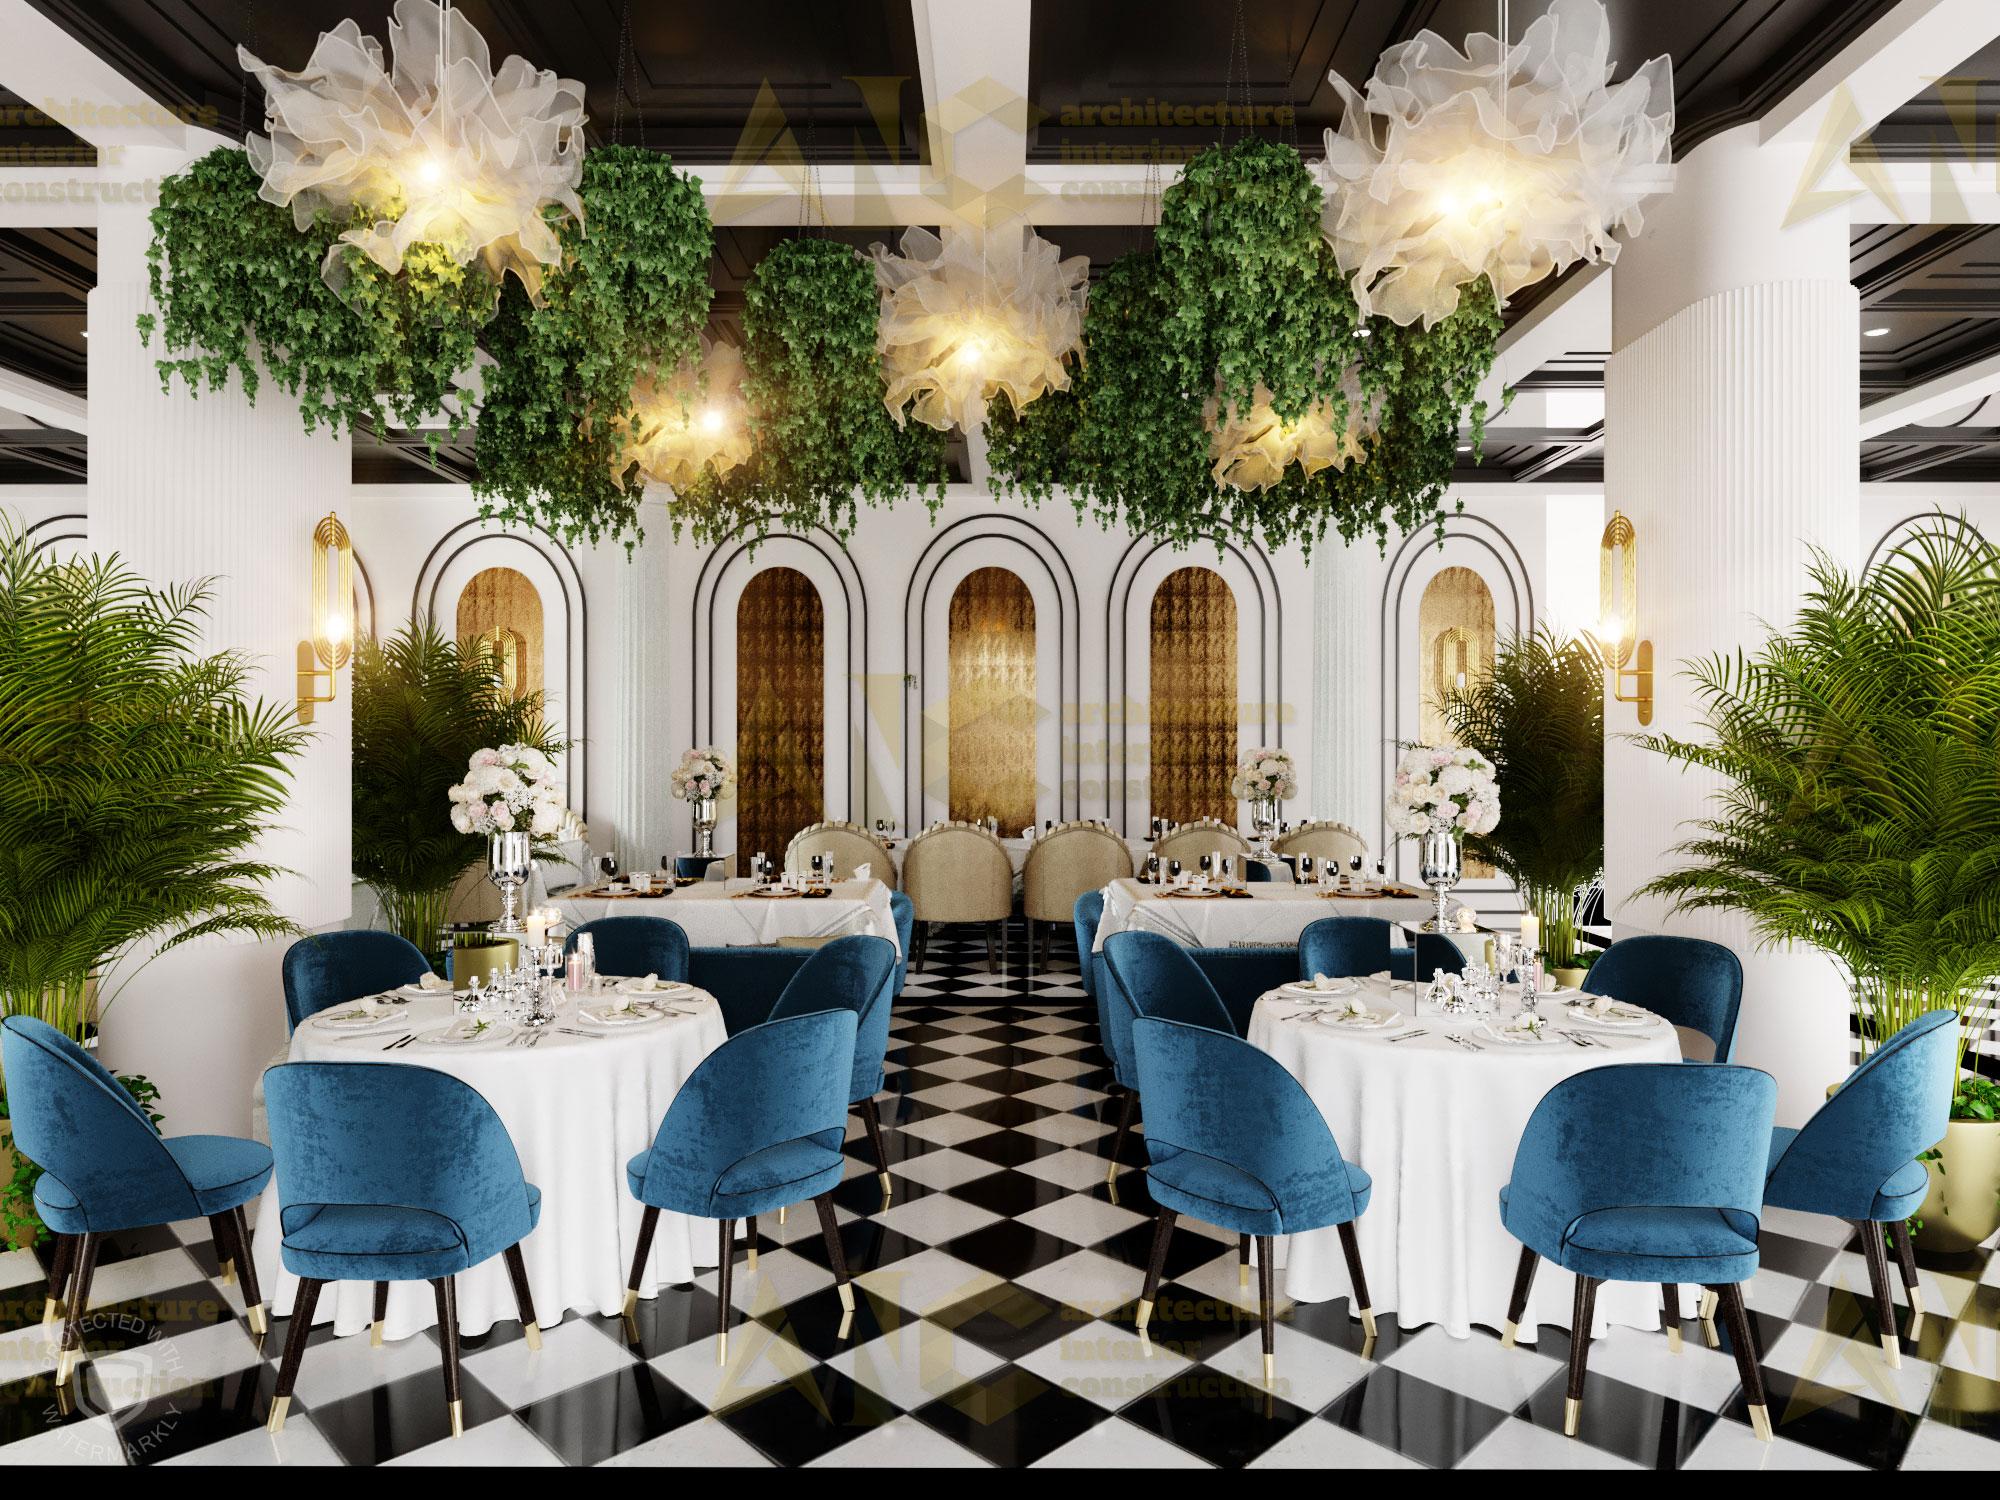 Thiết kế nội thất hầm rượu ban mê chị Vân- nhà hàng view 1